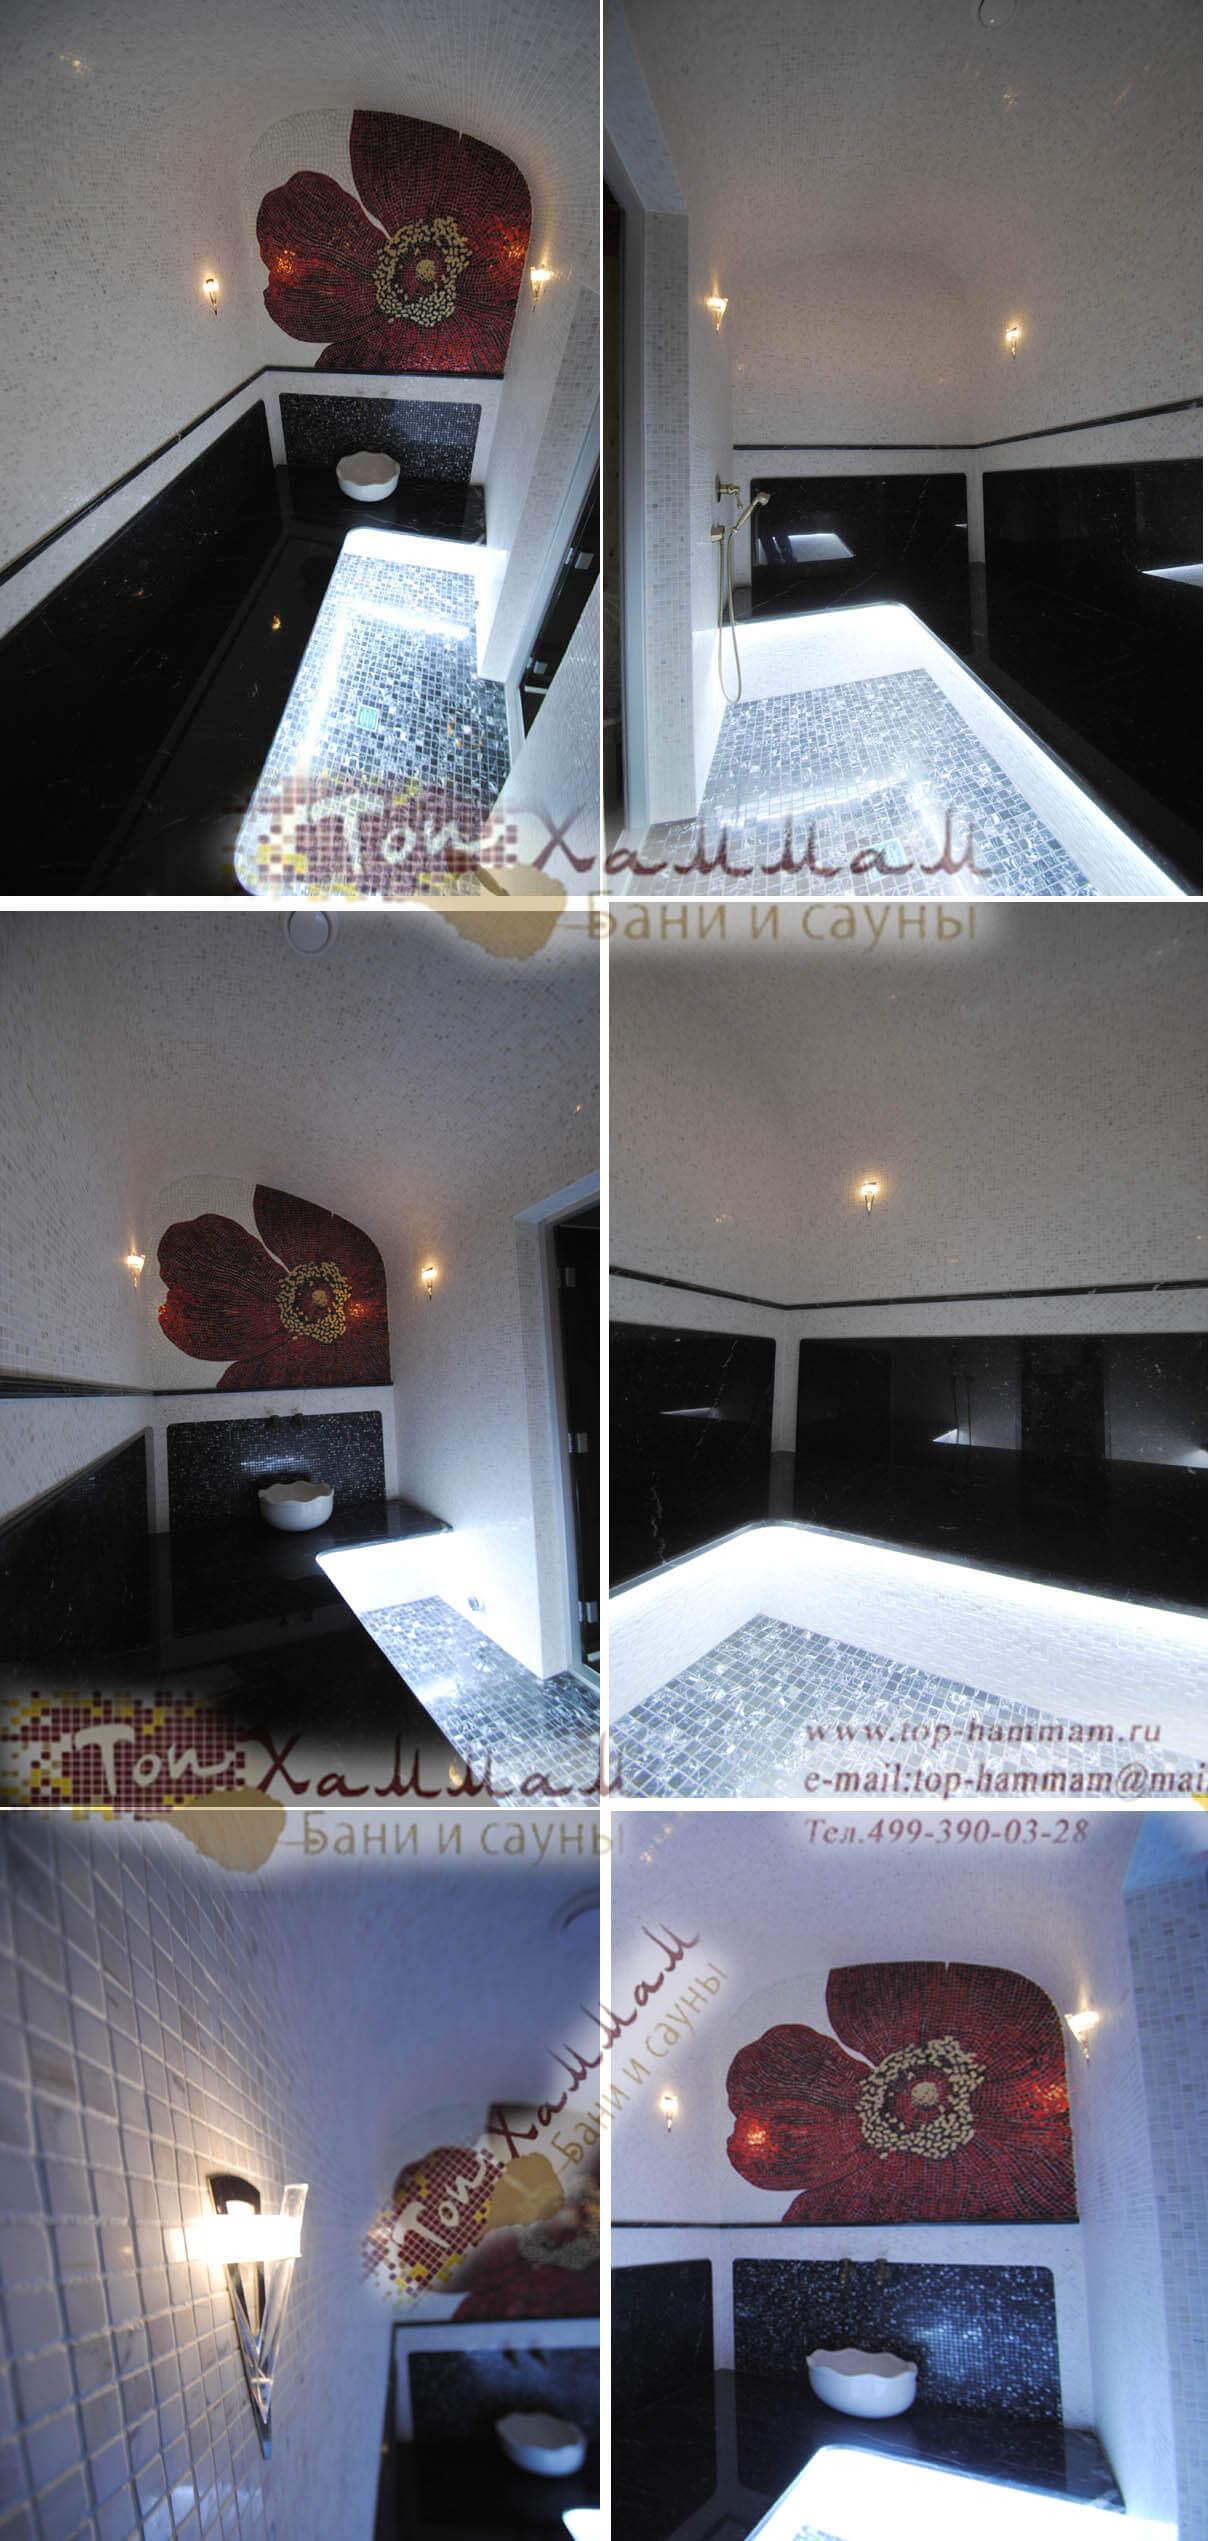 Строительство турецких бань хамам в современном стиле